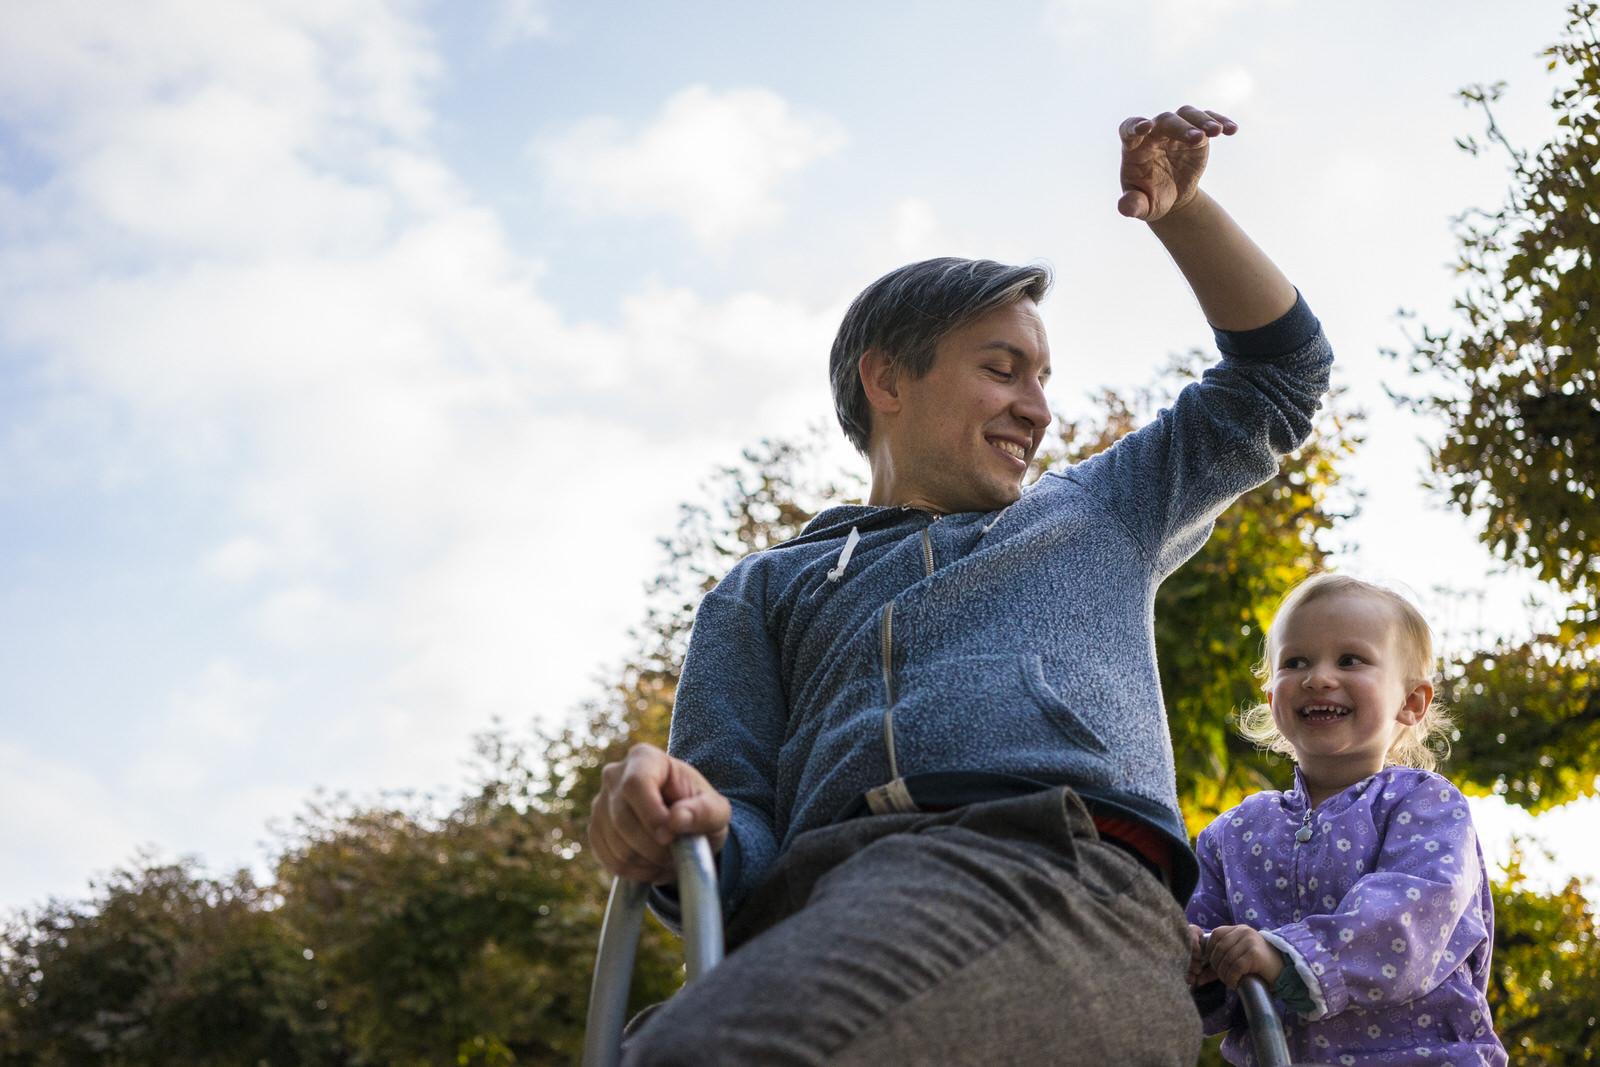 Familienfotografin Lörrach | Familienreportage von Julia Erz